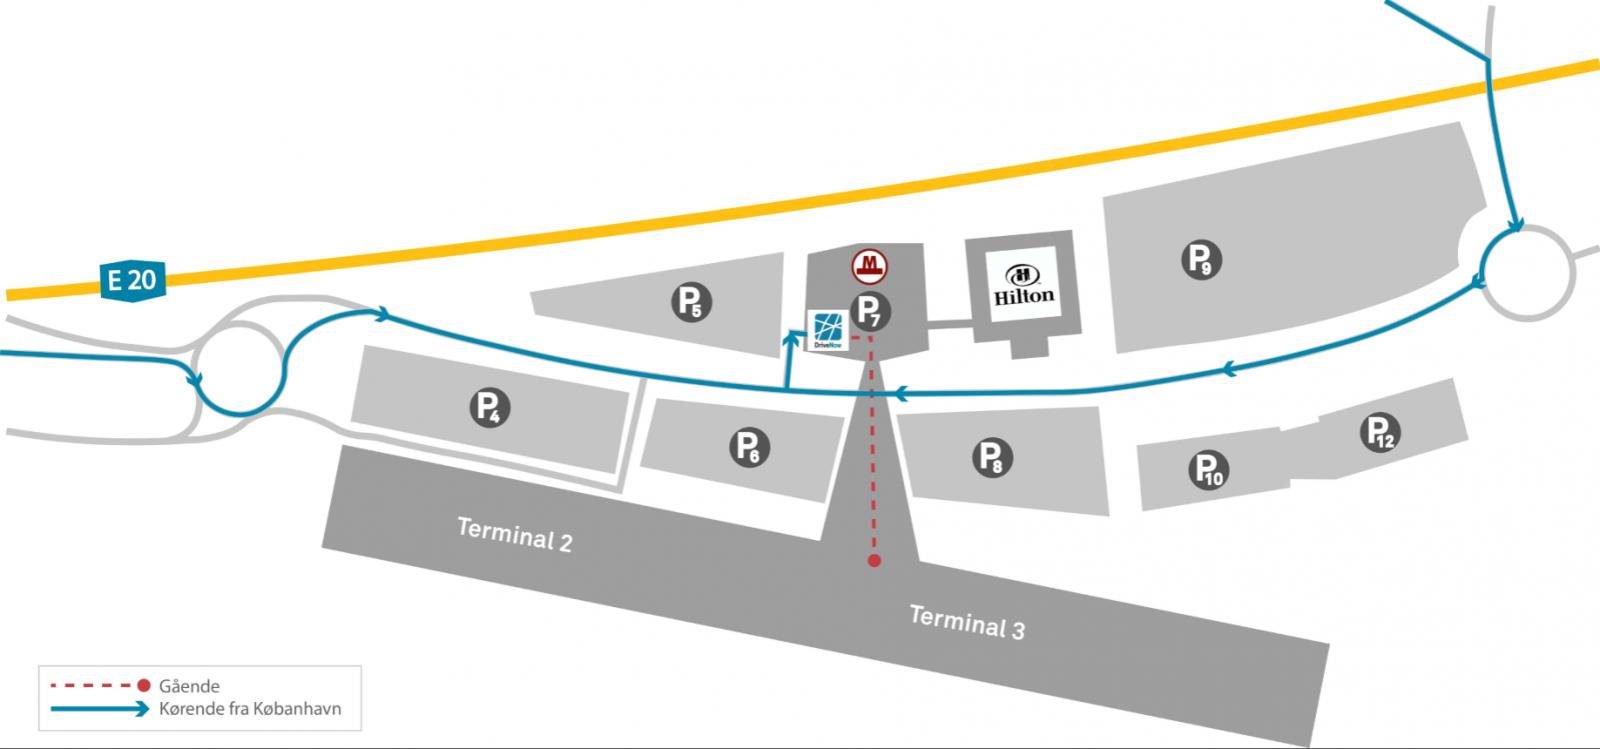 Carsharing_DriveNow_Copenhagen_Airport